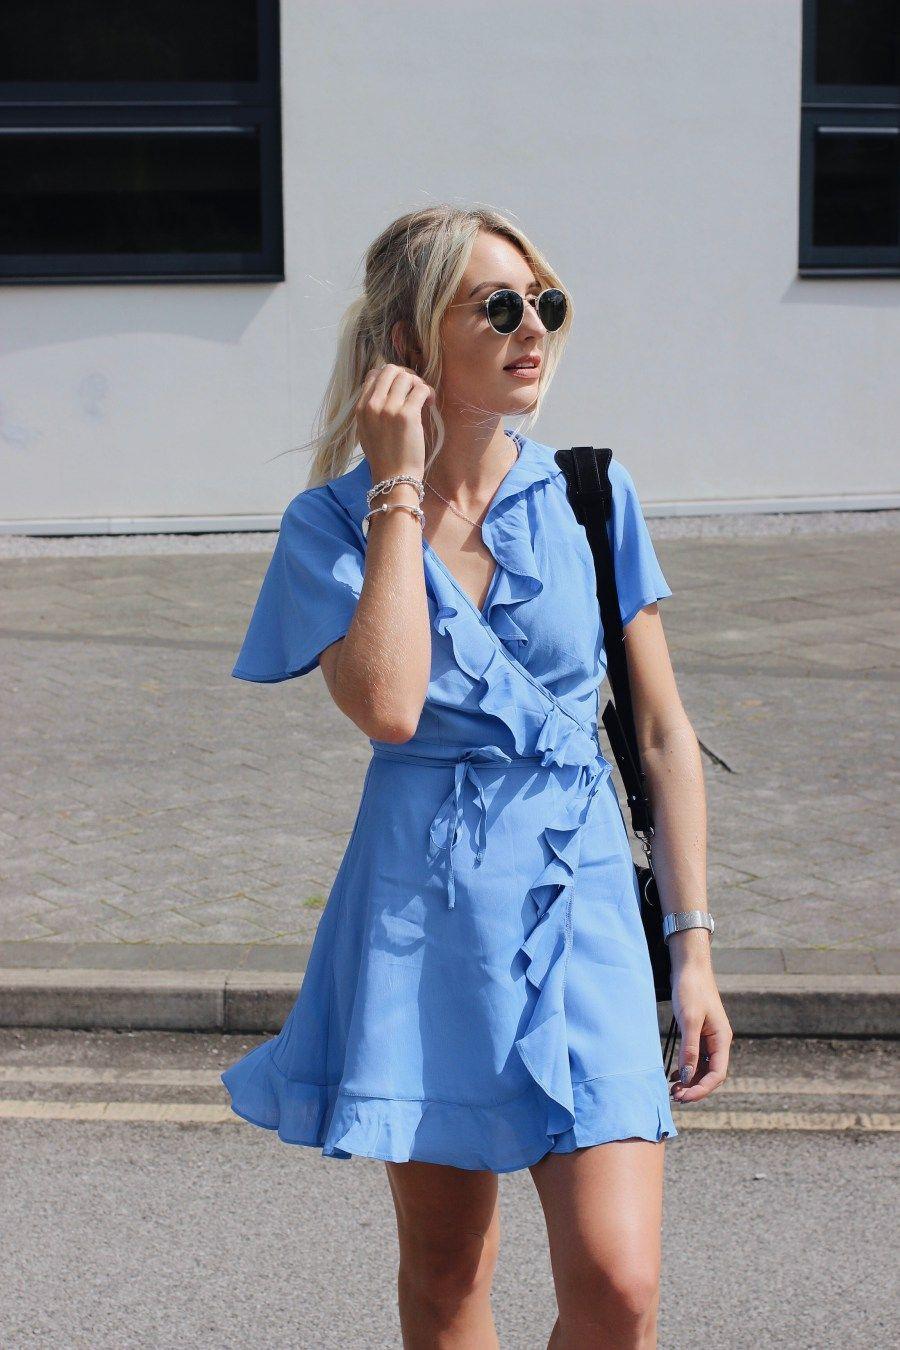 Style: street tea dresses